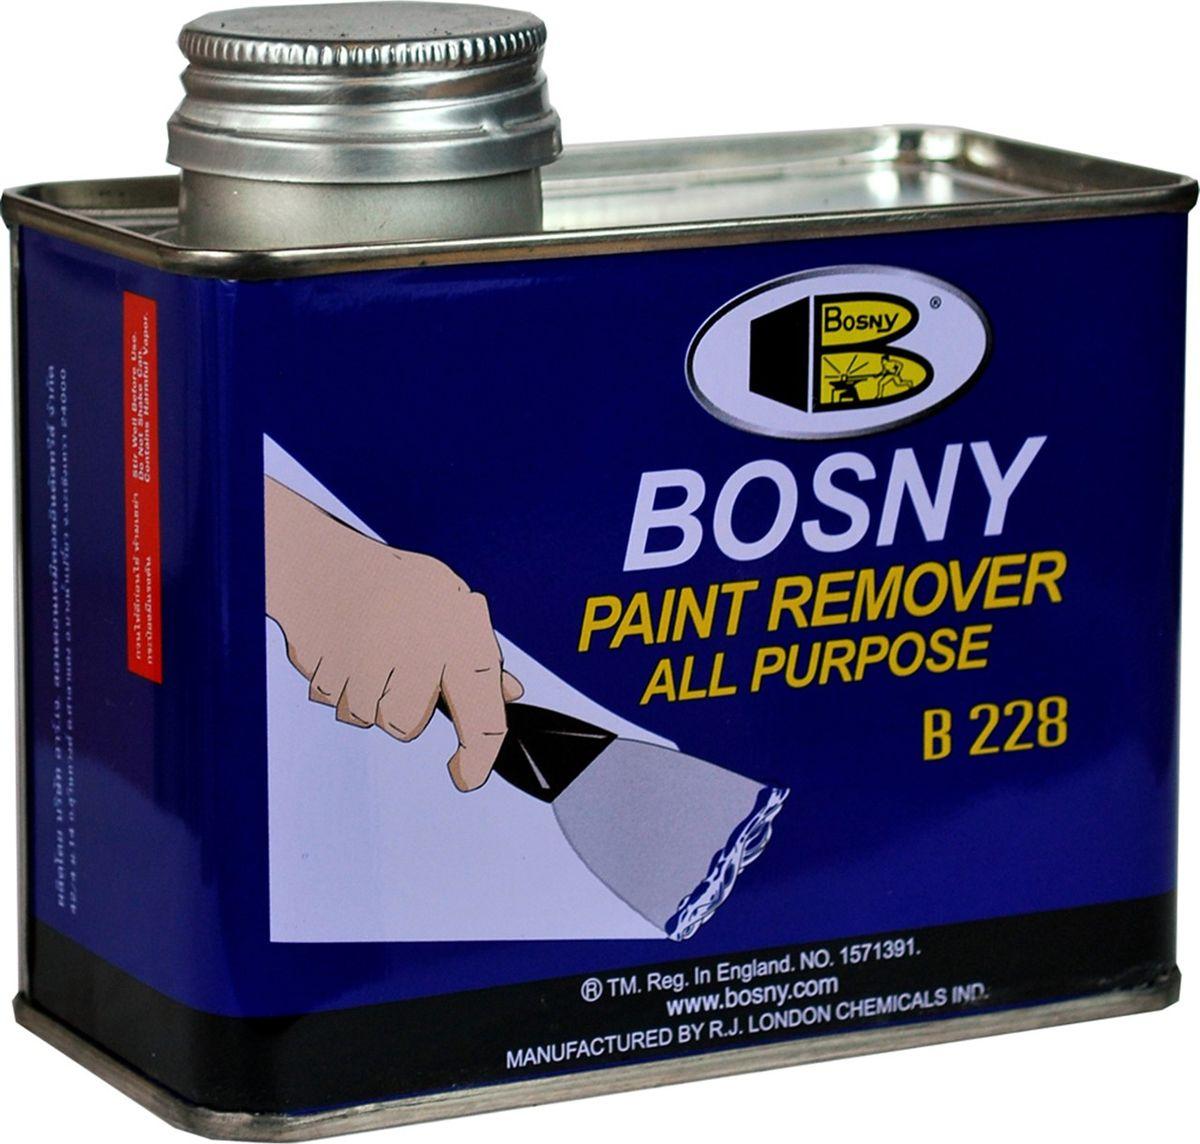 Смывка краски-гель Bosny, универсальная, 800 г228Универсальная смывка краски Bosny Paint Remover –мощное средство на гелевой основе, предназначенное для удаления всевозможных типов краски с окрашенных поверхностей быстро и эффективно, весь процесс занимает лишь несколько минут. Смывка краски Bosny Paint Remover предназначена для удаления масляных красок, синтетических эмалей, различных лаков, в том числе целлюлозных, эмалей горячей сушки, и других видов лакокрасочных покрытий. Может использоваться как для бытовых, так и для промышленных целей. Гелевая консистенция смывки имеет несколько преимуществ по сравнению с жидкими или аэрозольными составами: 1. После нанесения гелеобразный состав образует равномерный слой одинаковой толщины по всей поверхности. 2. Можно легко и точно дозировать расход материала. 3. Исключено попадание случайных брызг на соседние участки поверхности. 4. Не требует предварительного размешивания